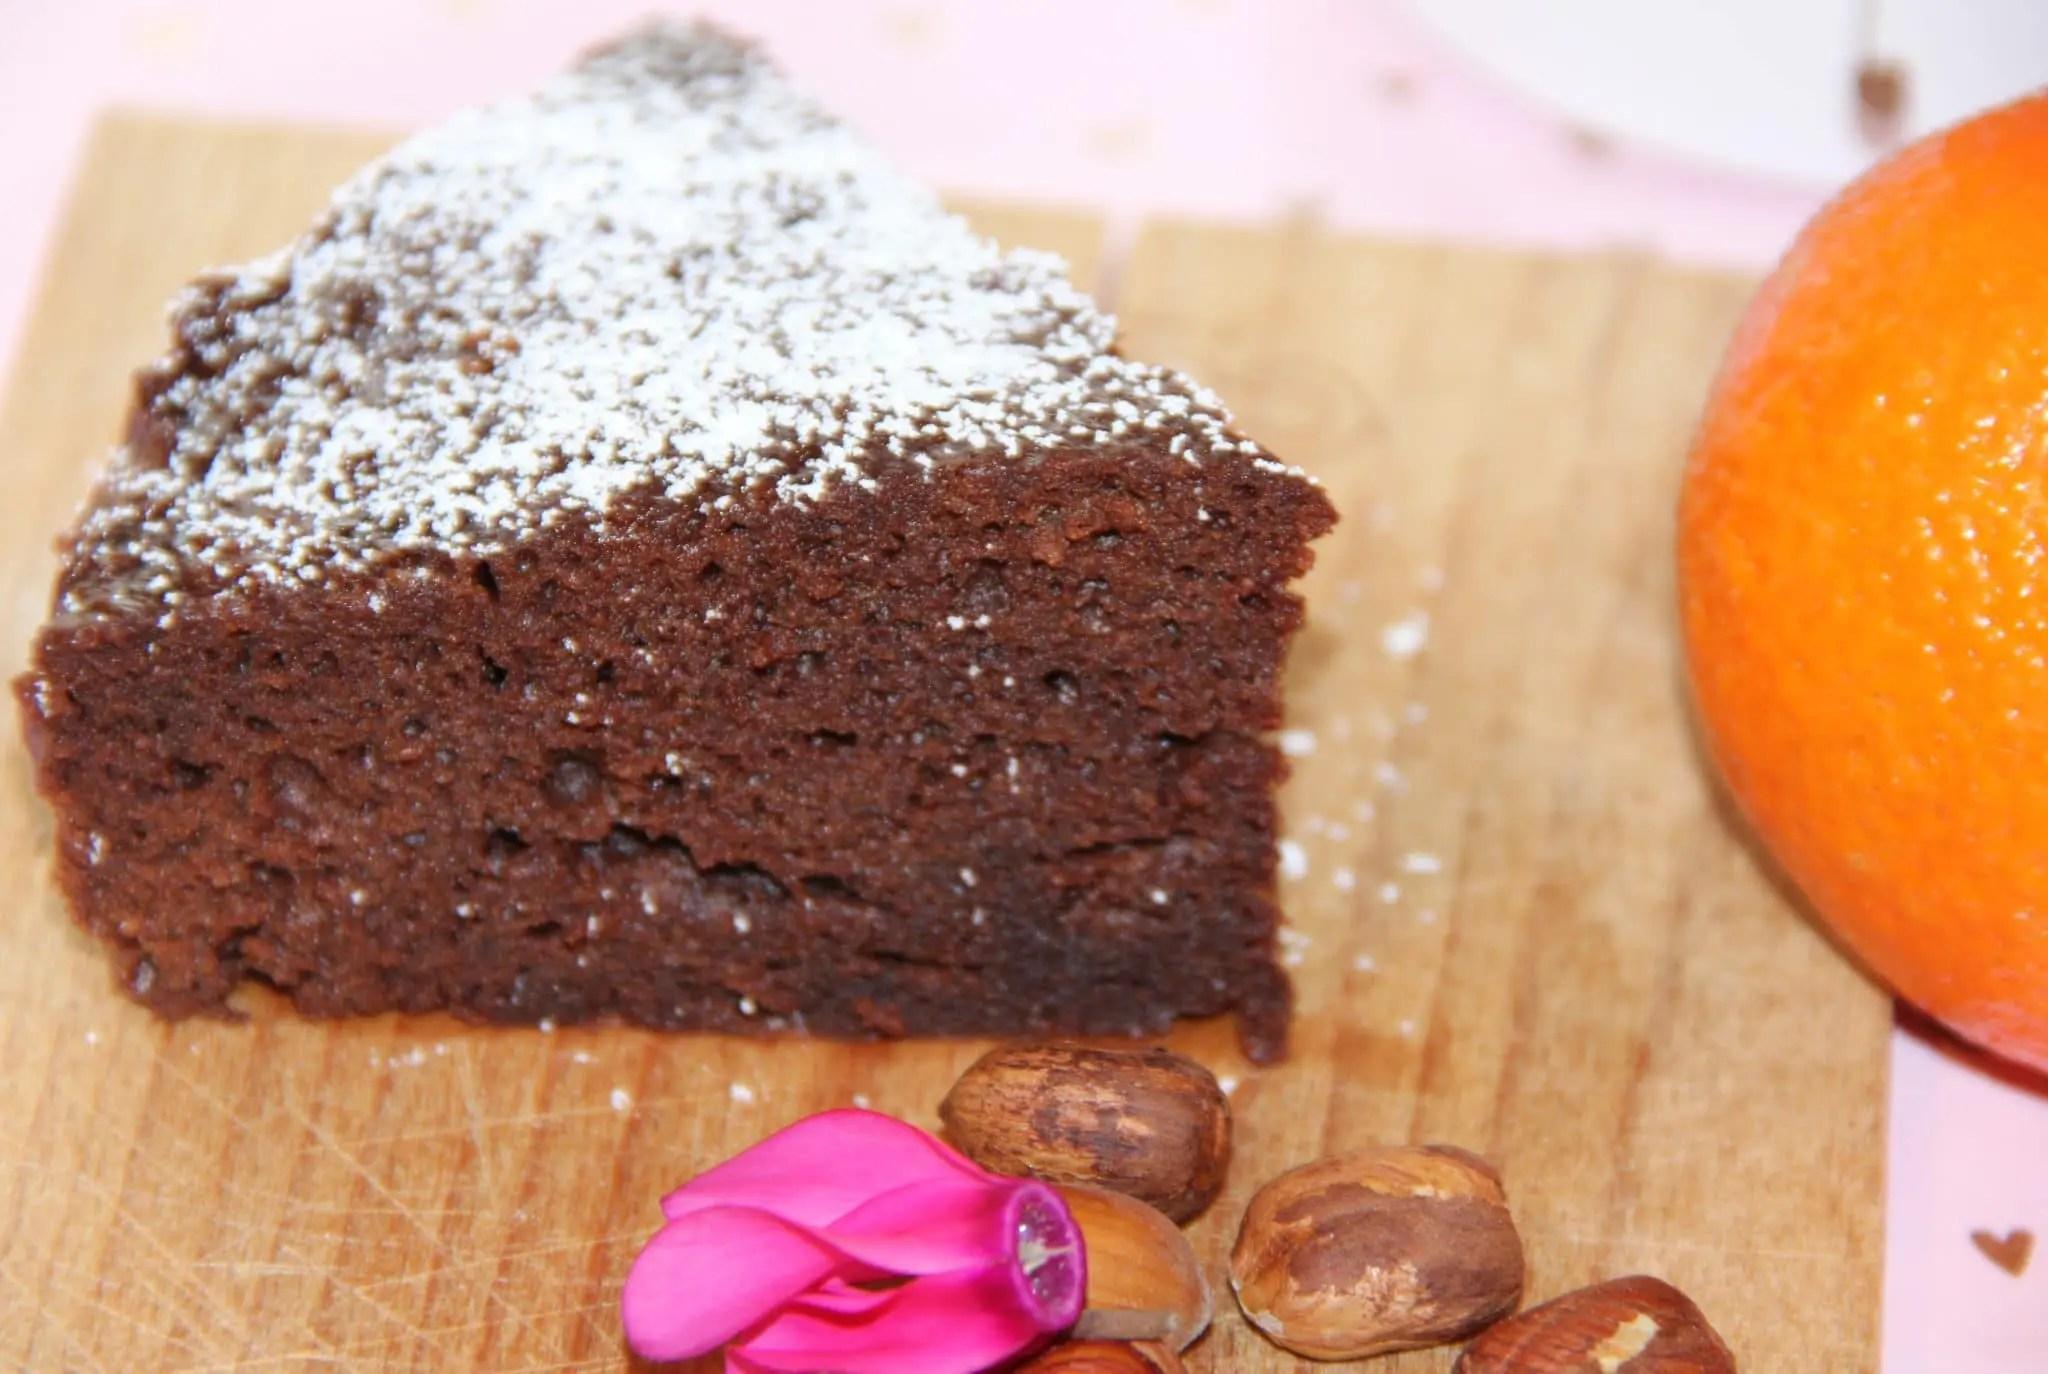 Gateau Au Chocolat La Recette La Plus Facile Et La Plus Rapide Au Monde